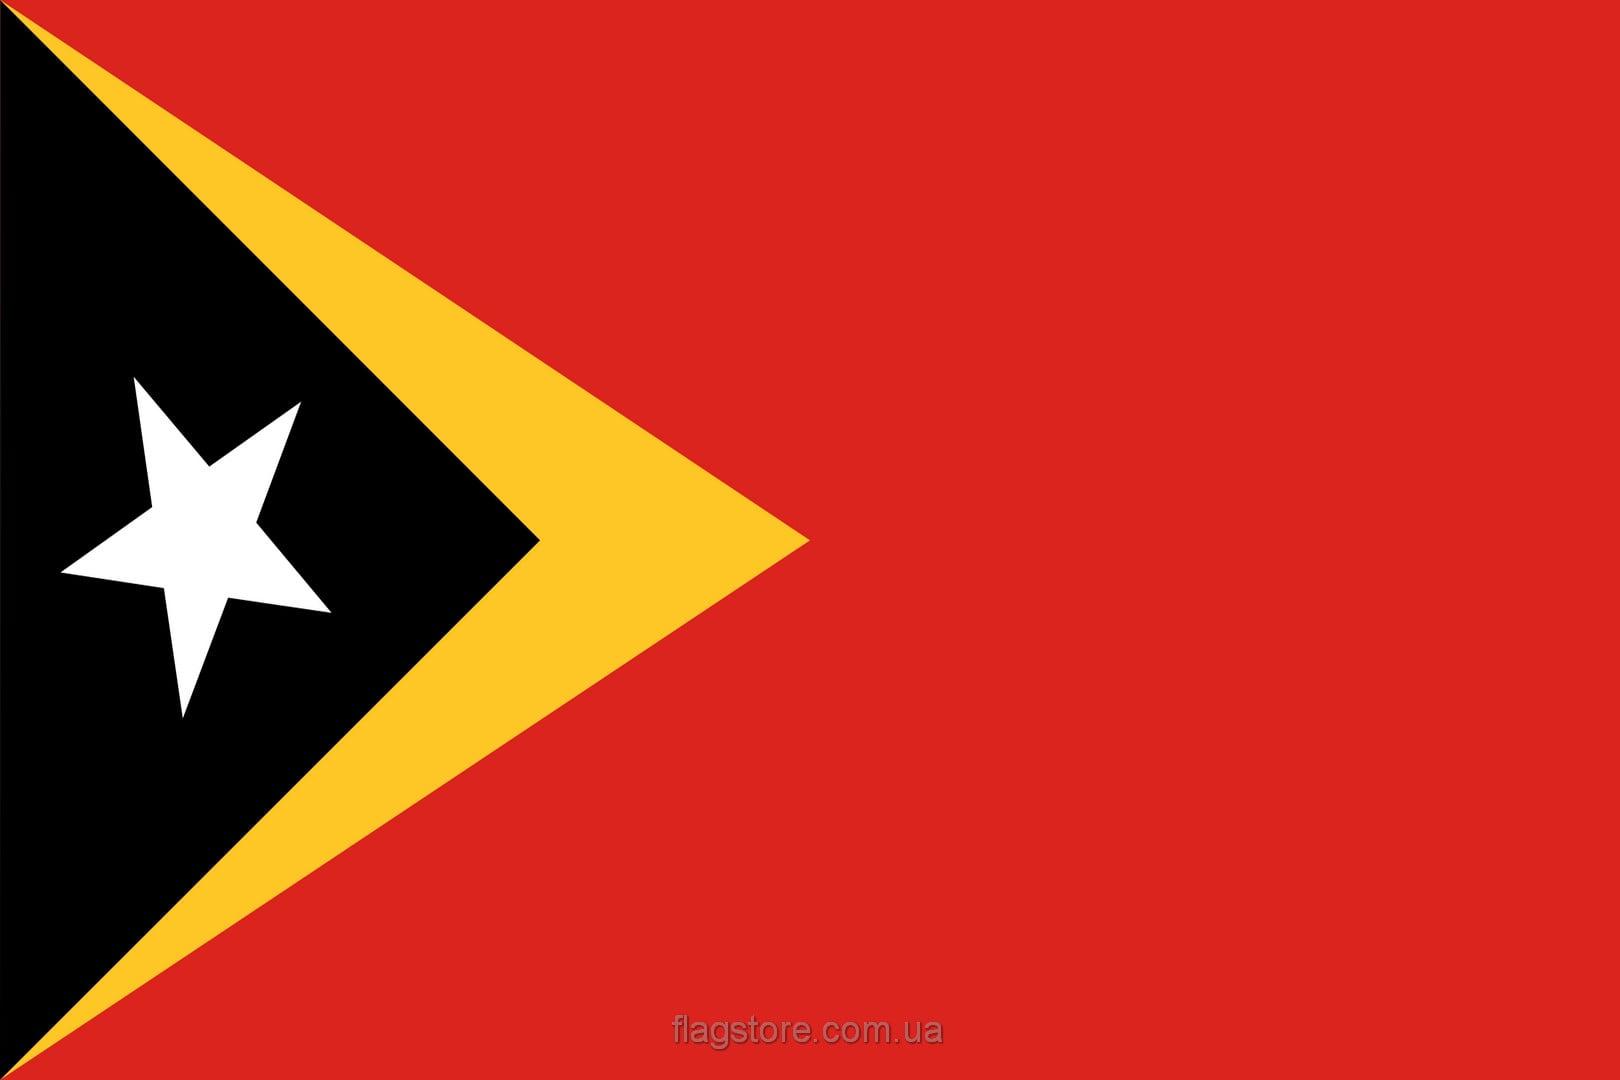 Купить флаг Восточного Тимора (страны Восточный Тимор)